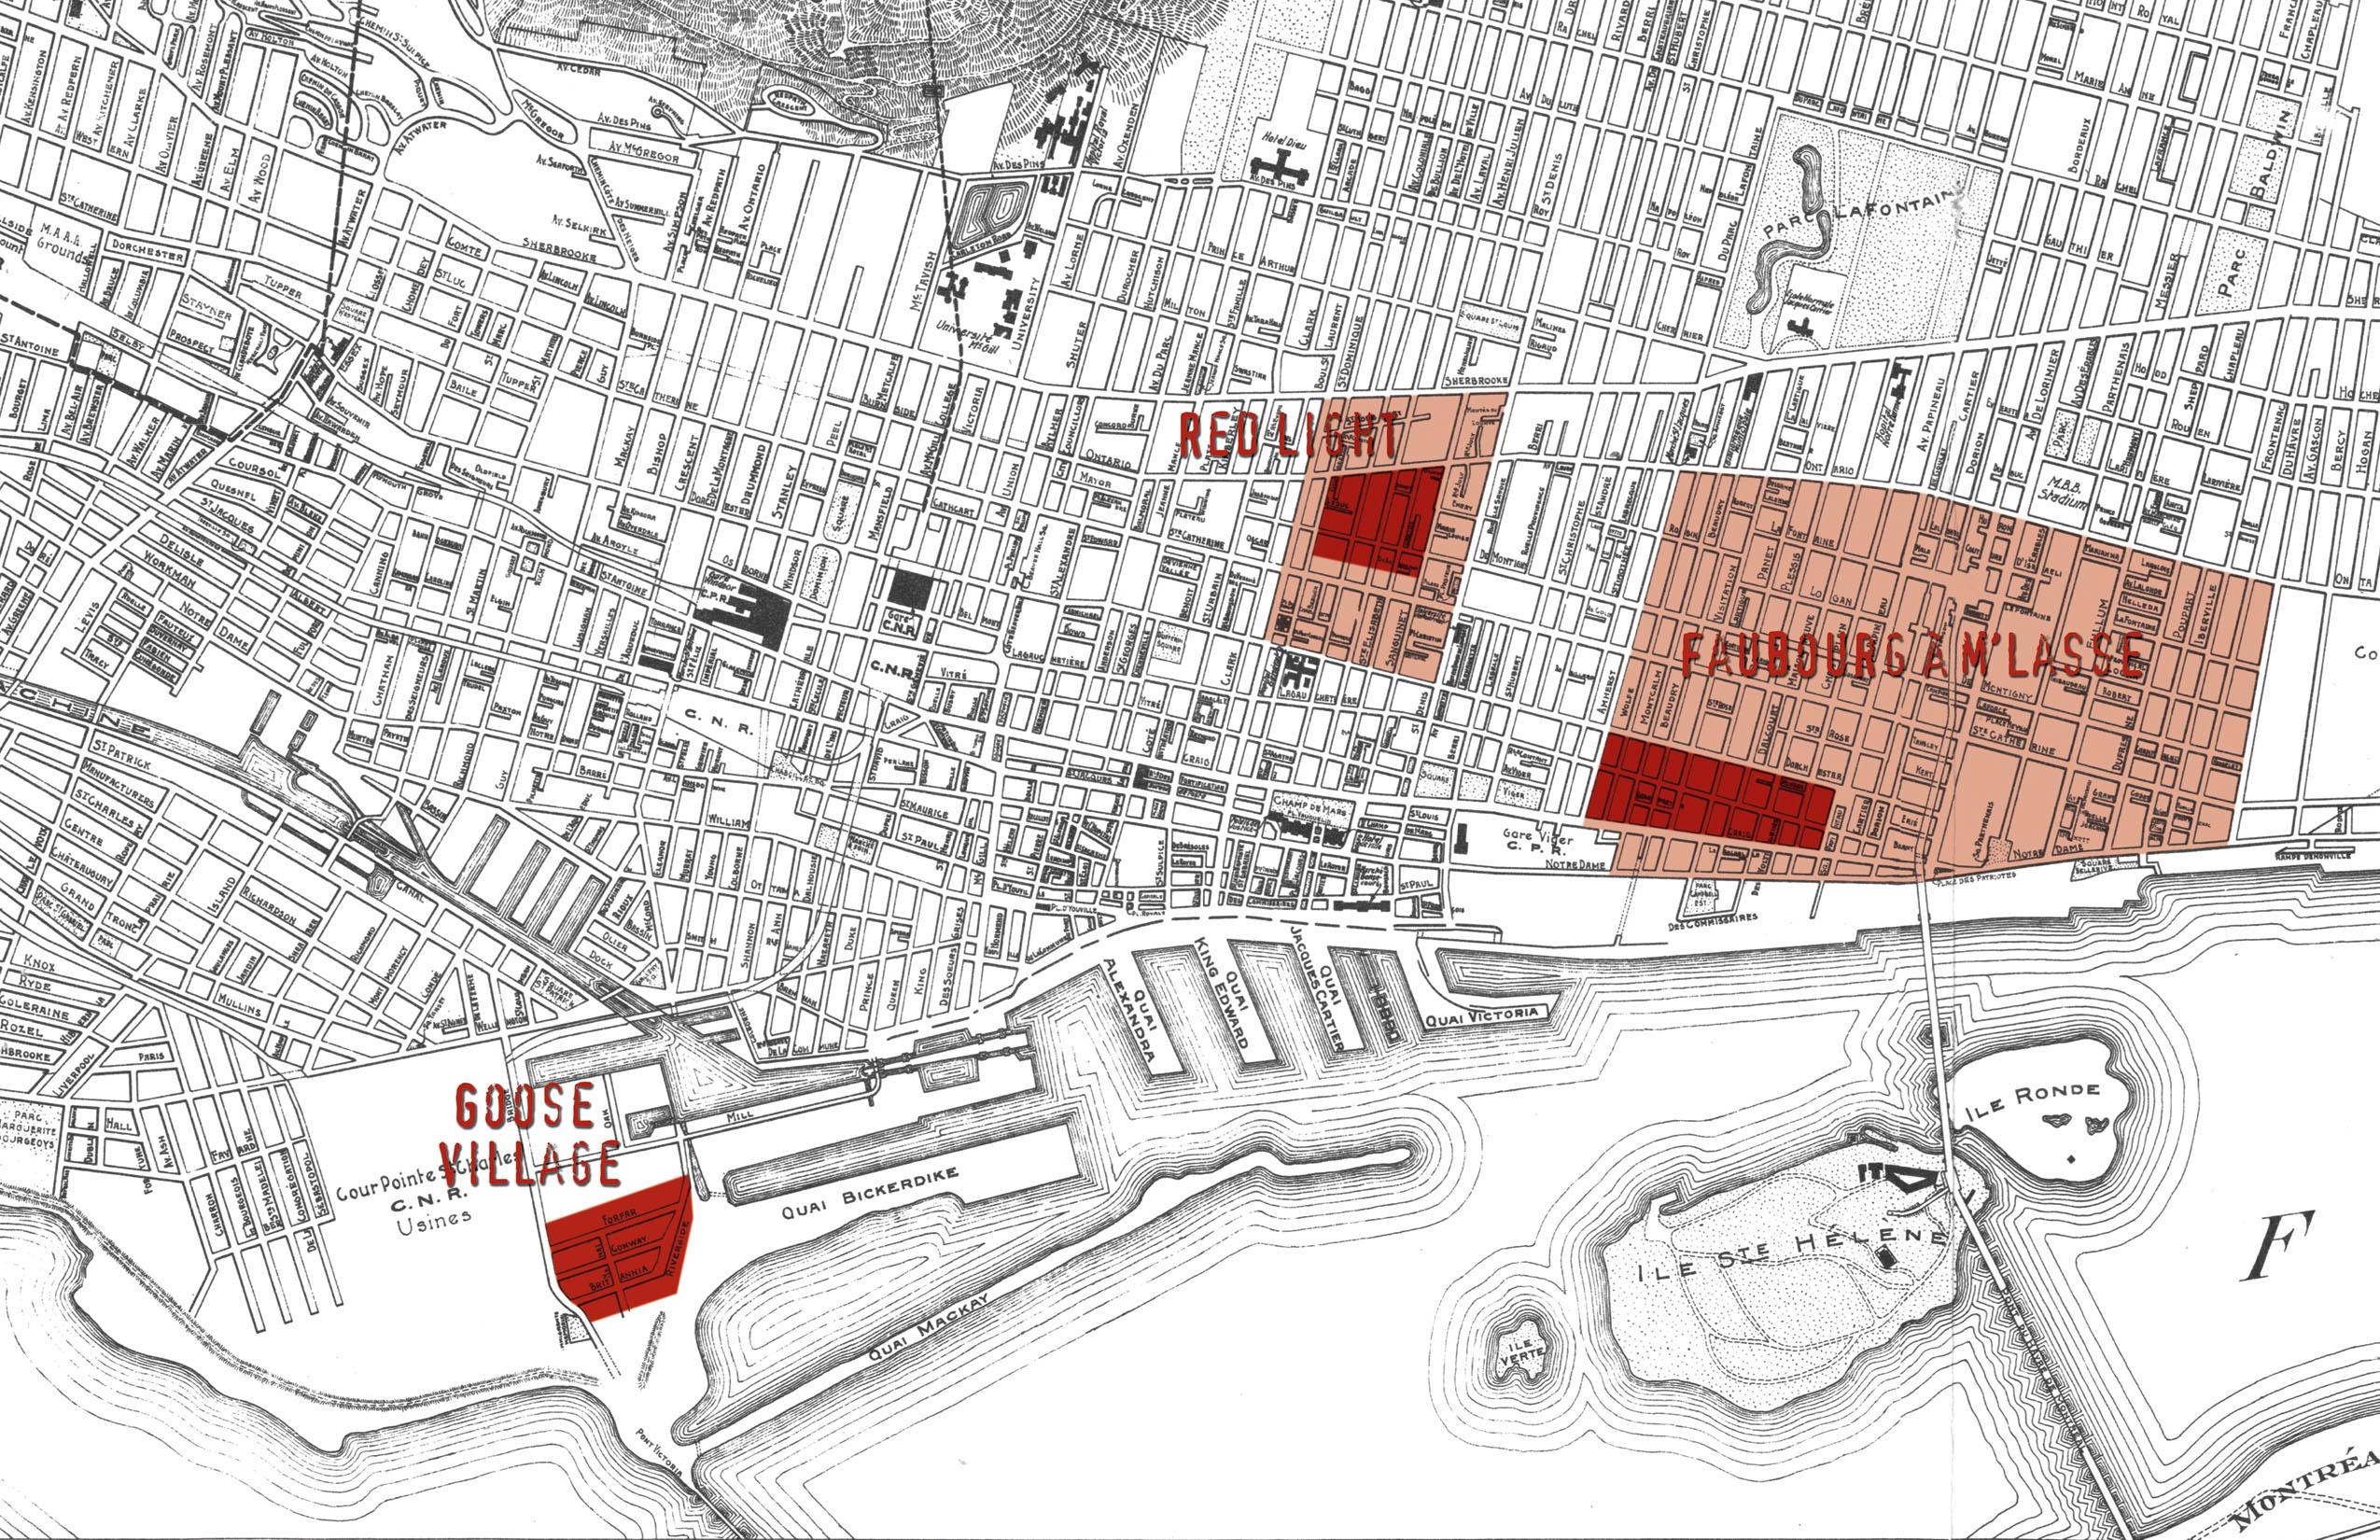 Plan présentant les délimitations des trois quartiers « disparus » (en partie pour le Red Light et le Faubourg à m'lasse).